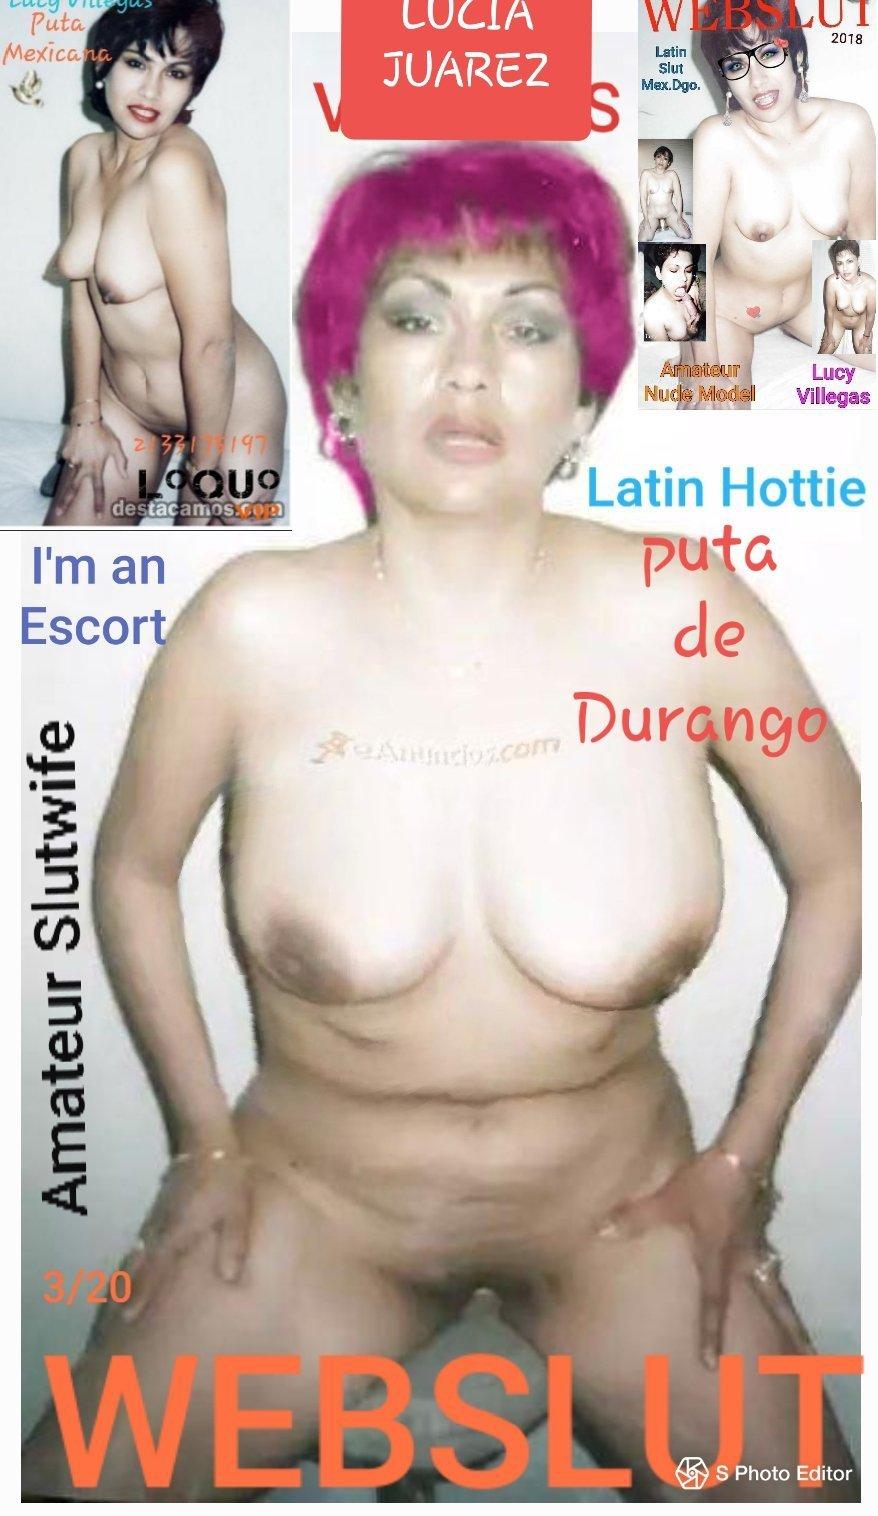 Ella es LUCIA JUAREZ y es la PUTA de la Col. Hipodromo - Durango Durango Es la Puta de todos...